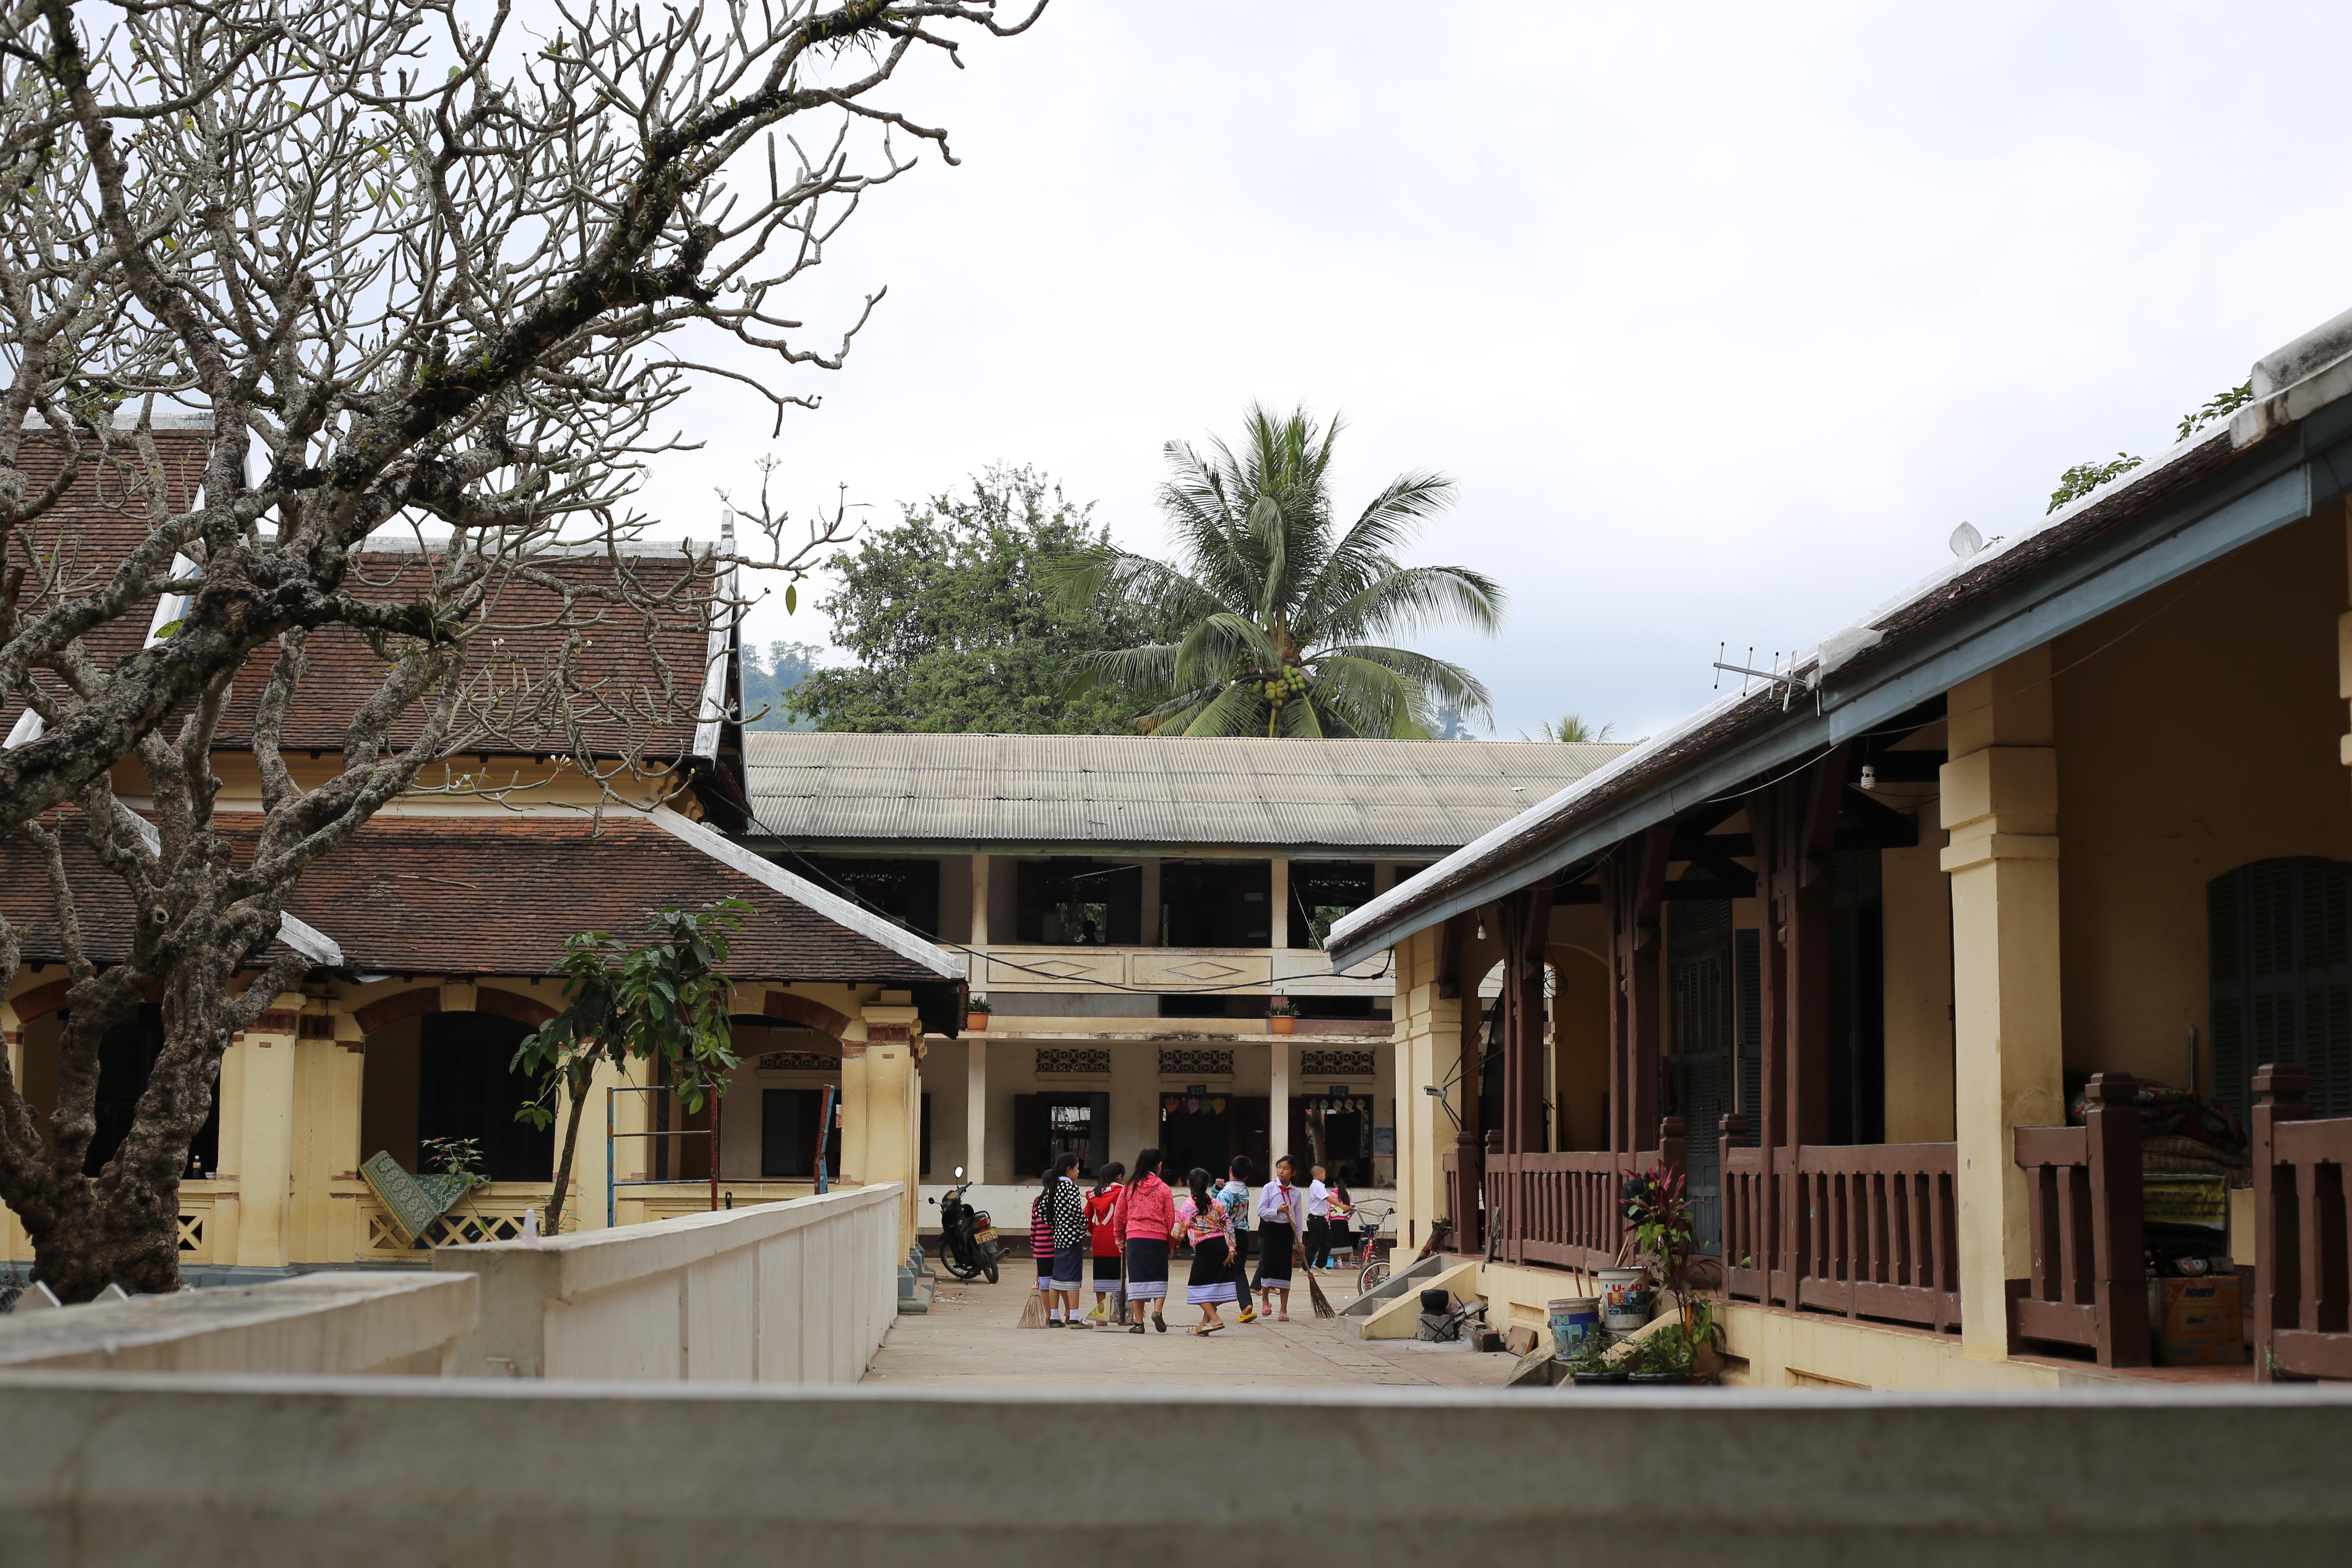 Escola no centro de Luang Prabang. (Foto: Nathalia Tavolieri / Viagem em Detalhes)